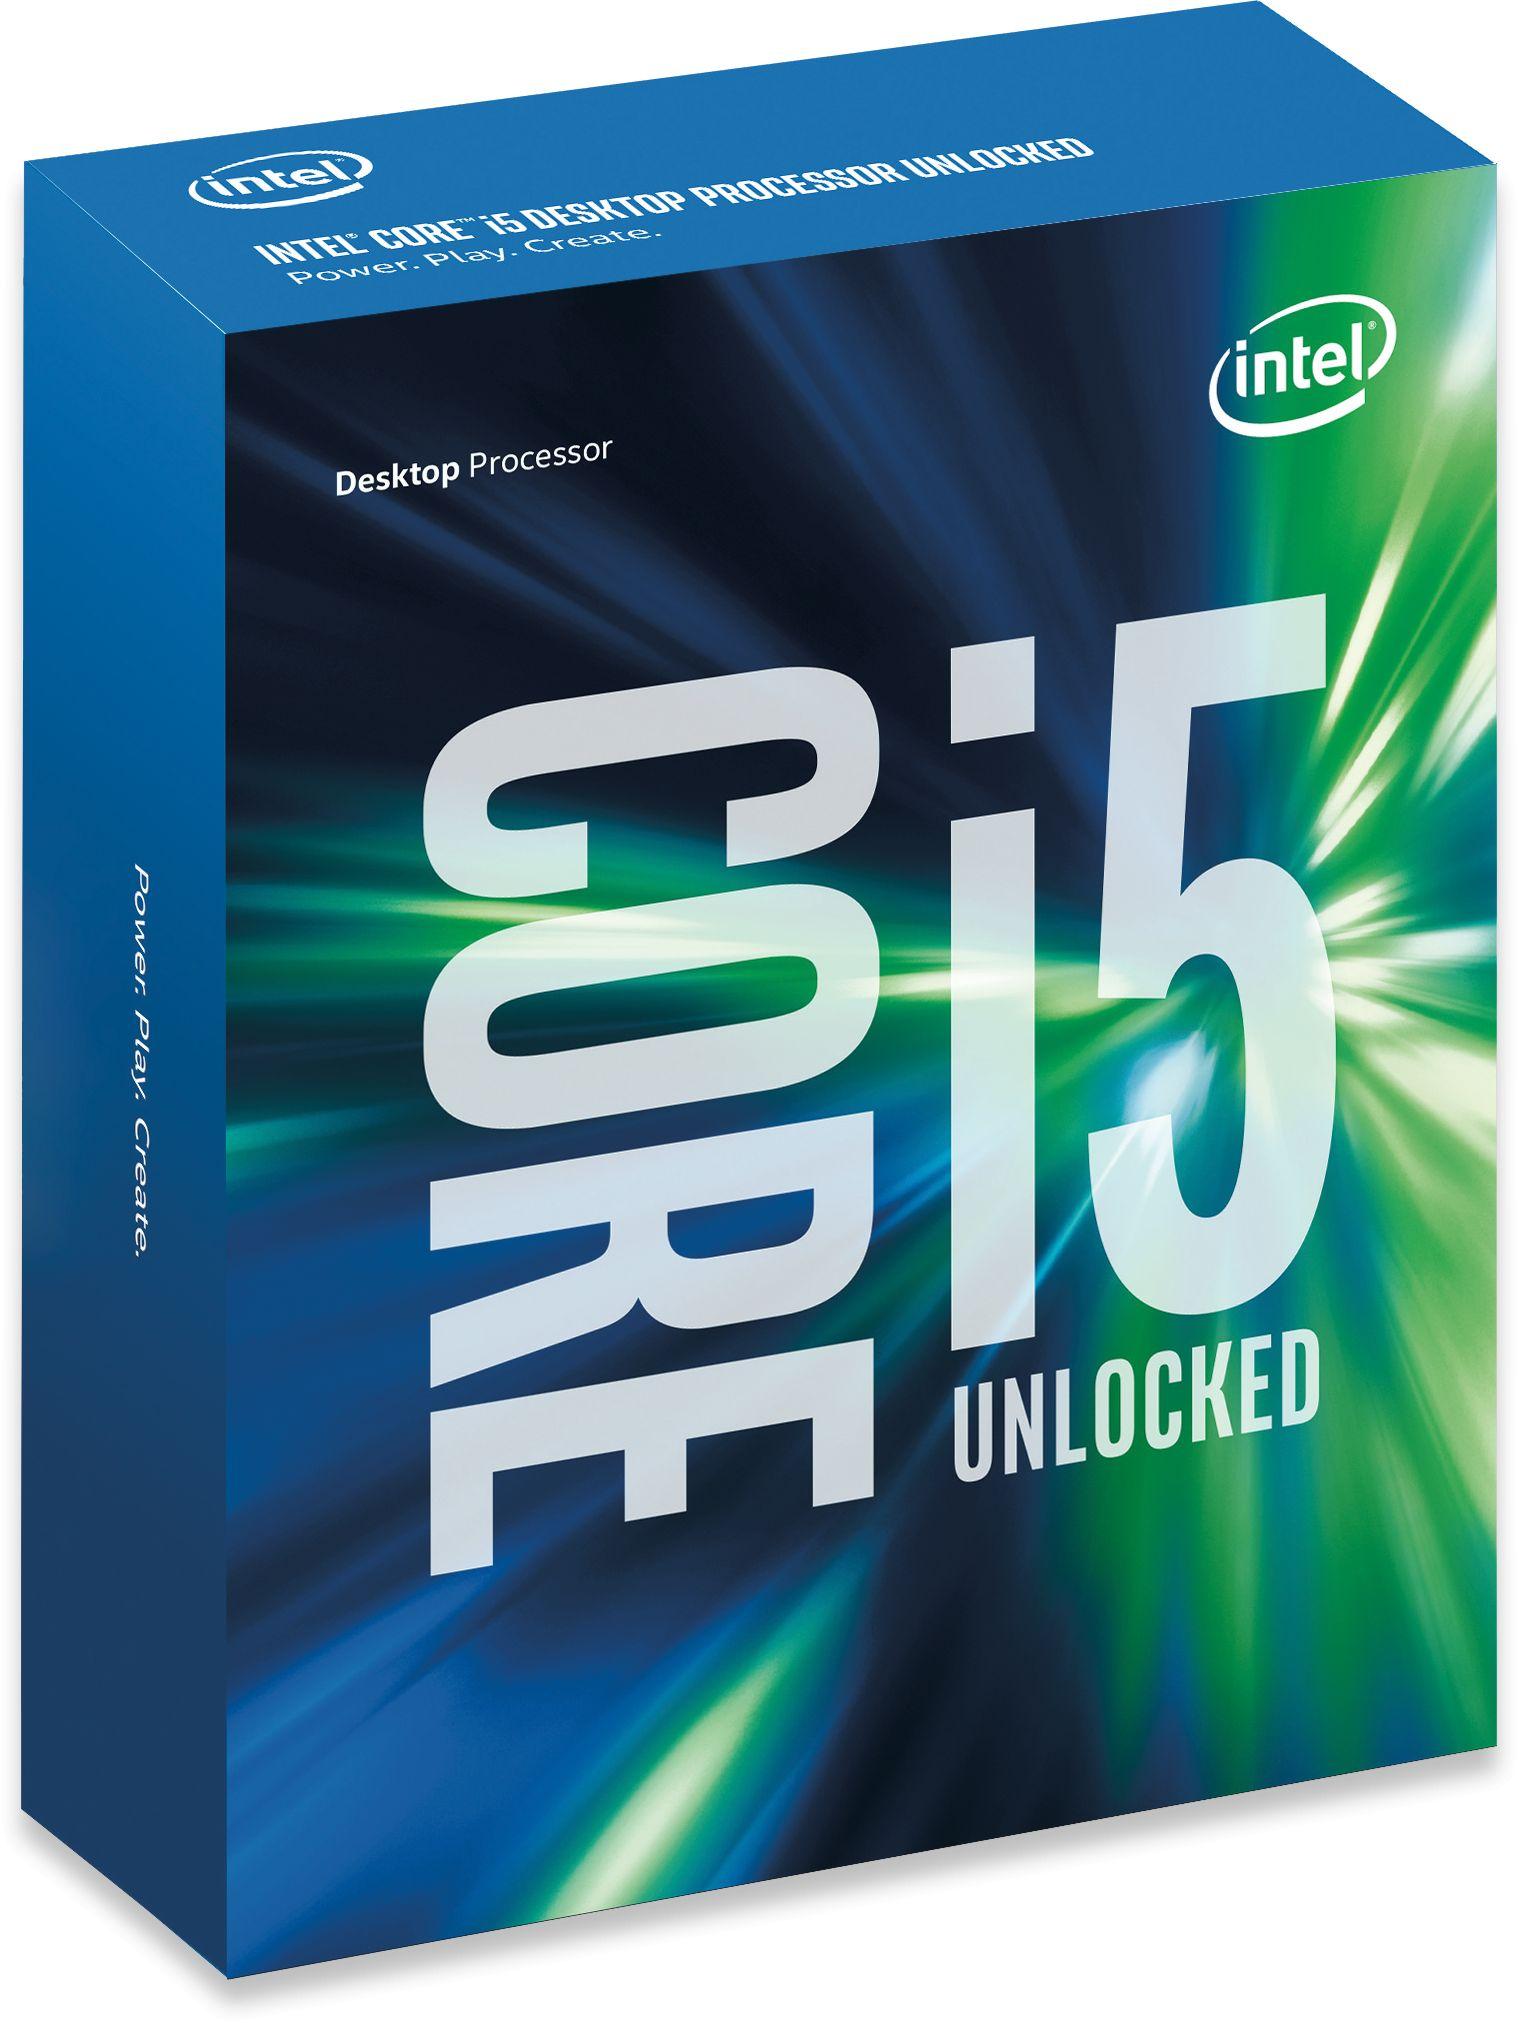 Kit asus intel h81m a br lga 1150 memoria 8gb 1600mhz ddr3 r 629 - Pc Core I5 6 Gera O 8gb Ddr3 Hd De 1tb